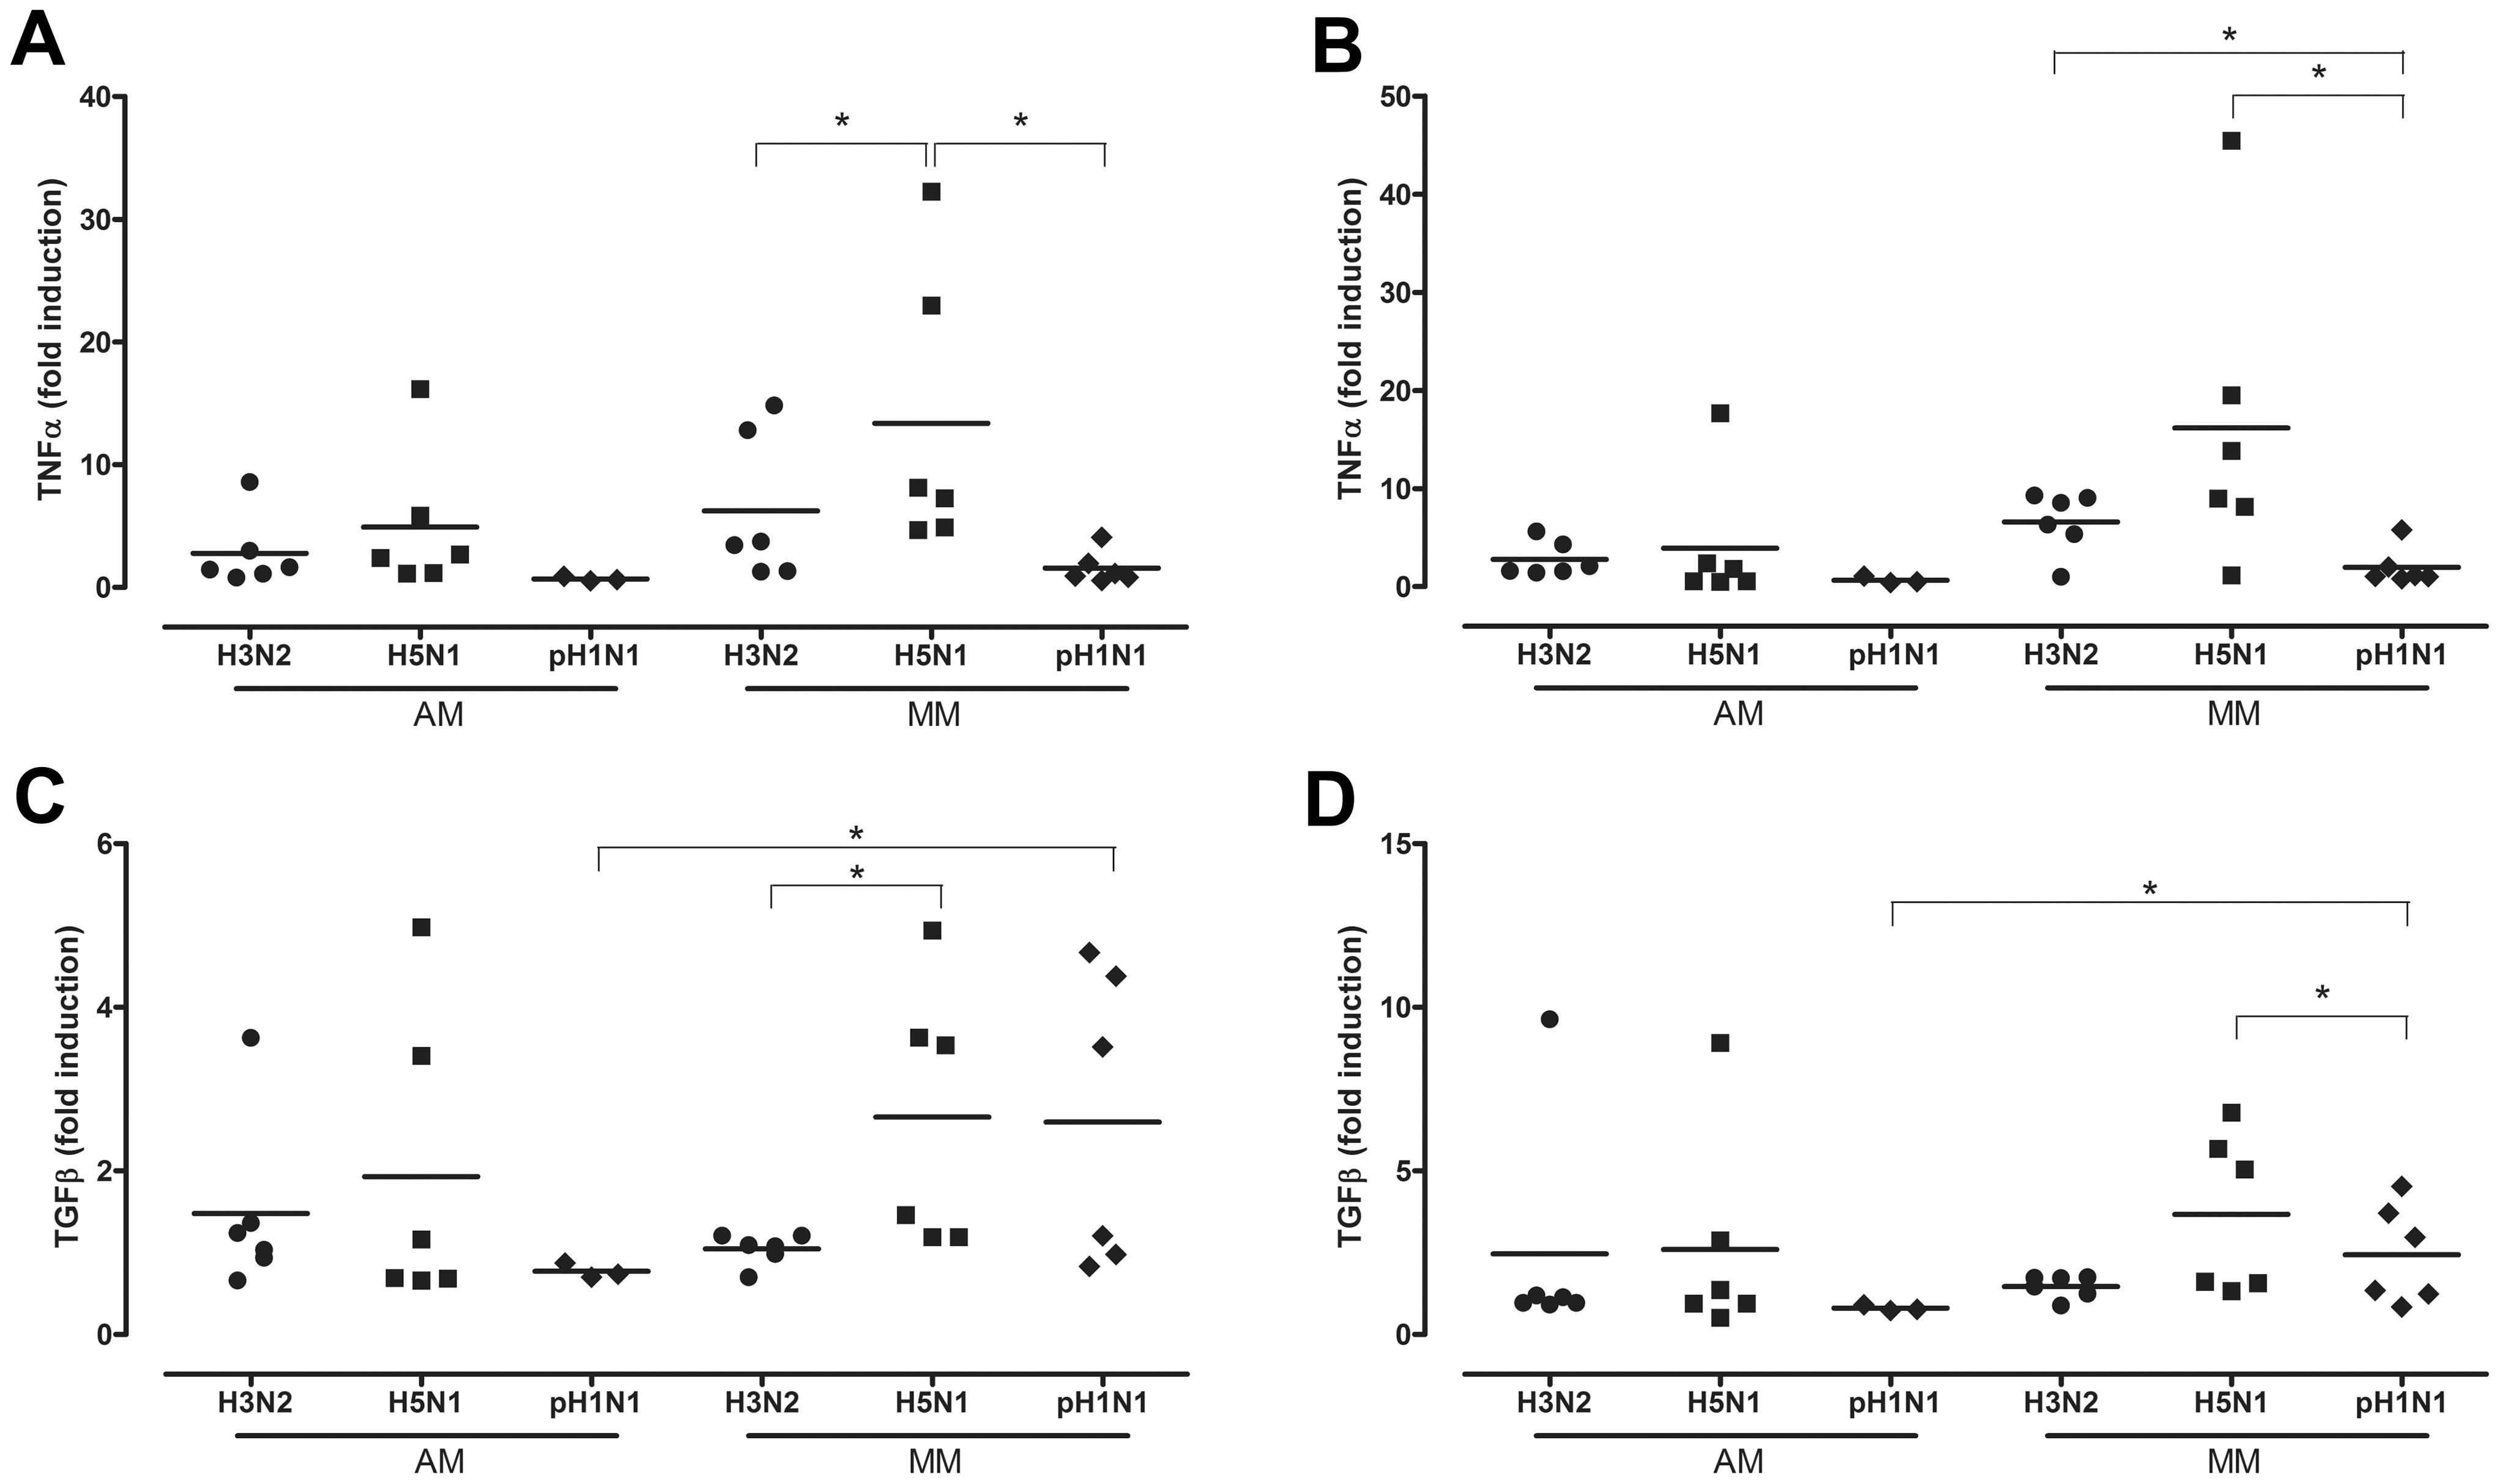 Cytokine mRNA levels after H3N2, H5N1 or H1N1 virus infection.